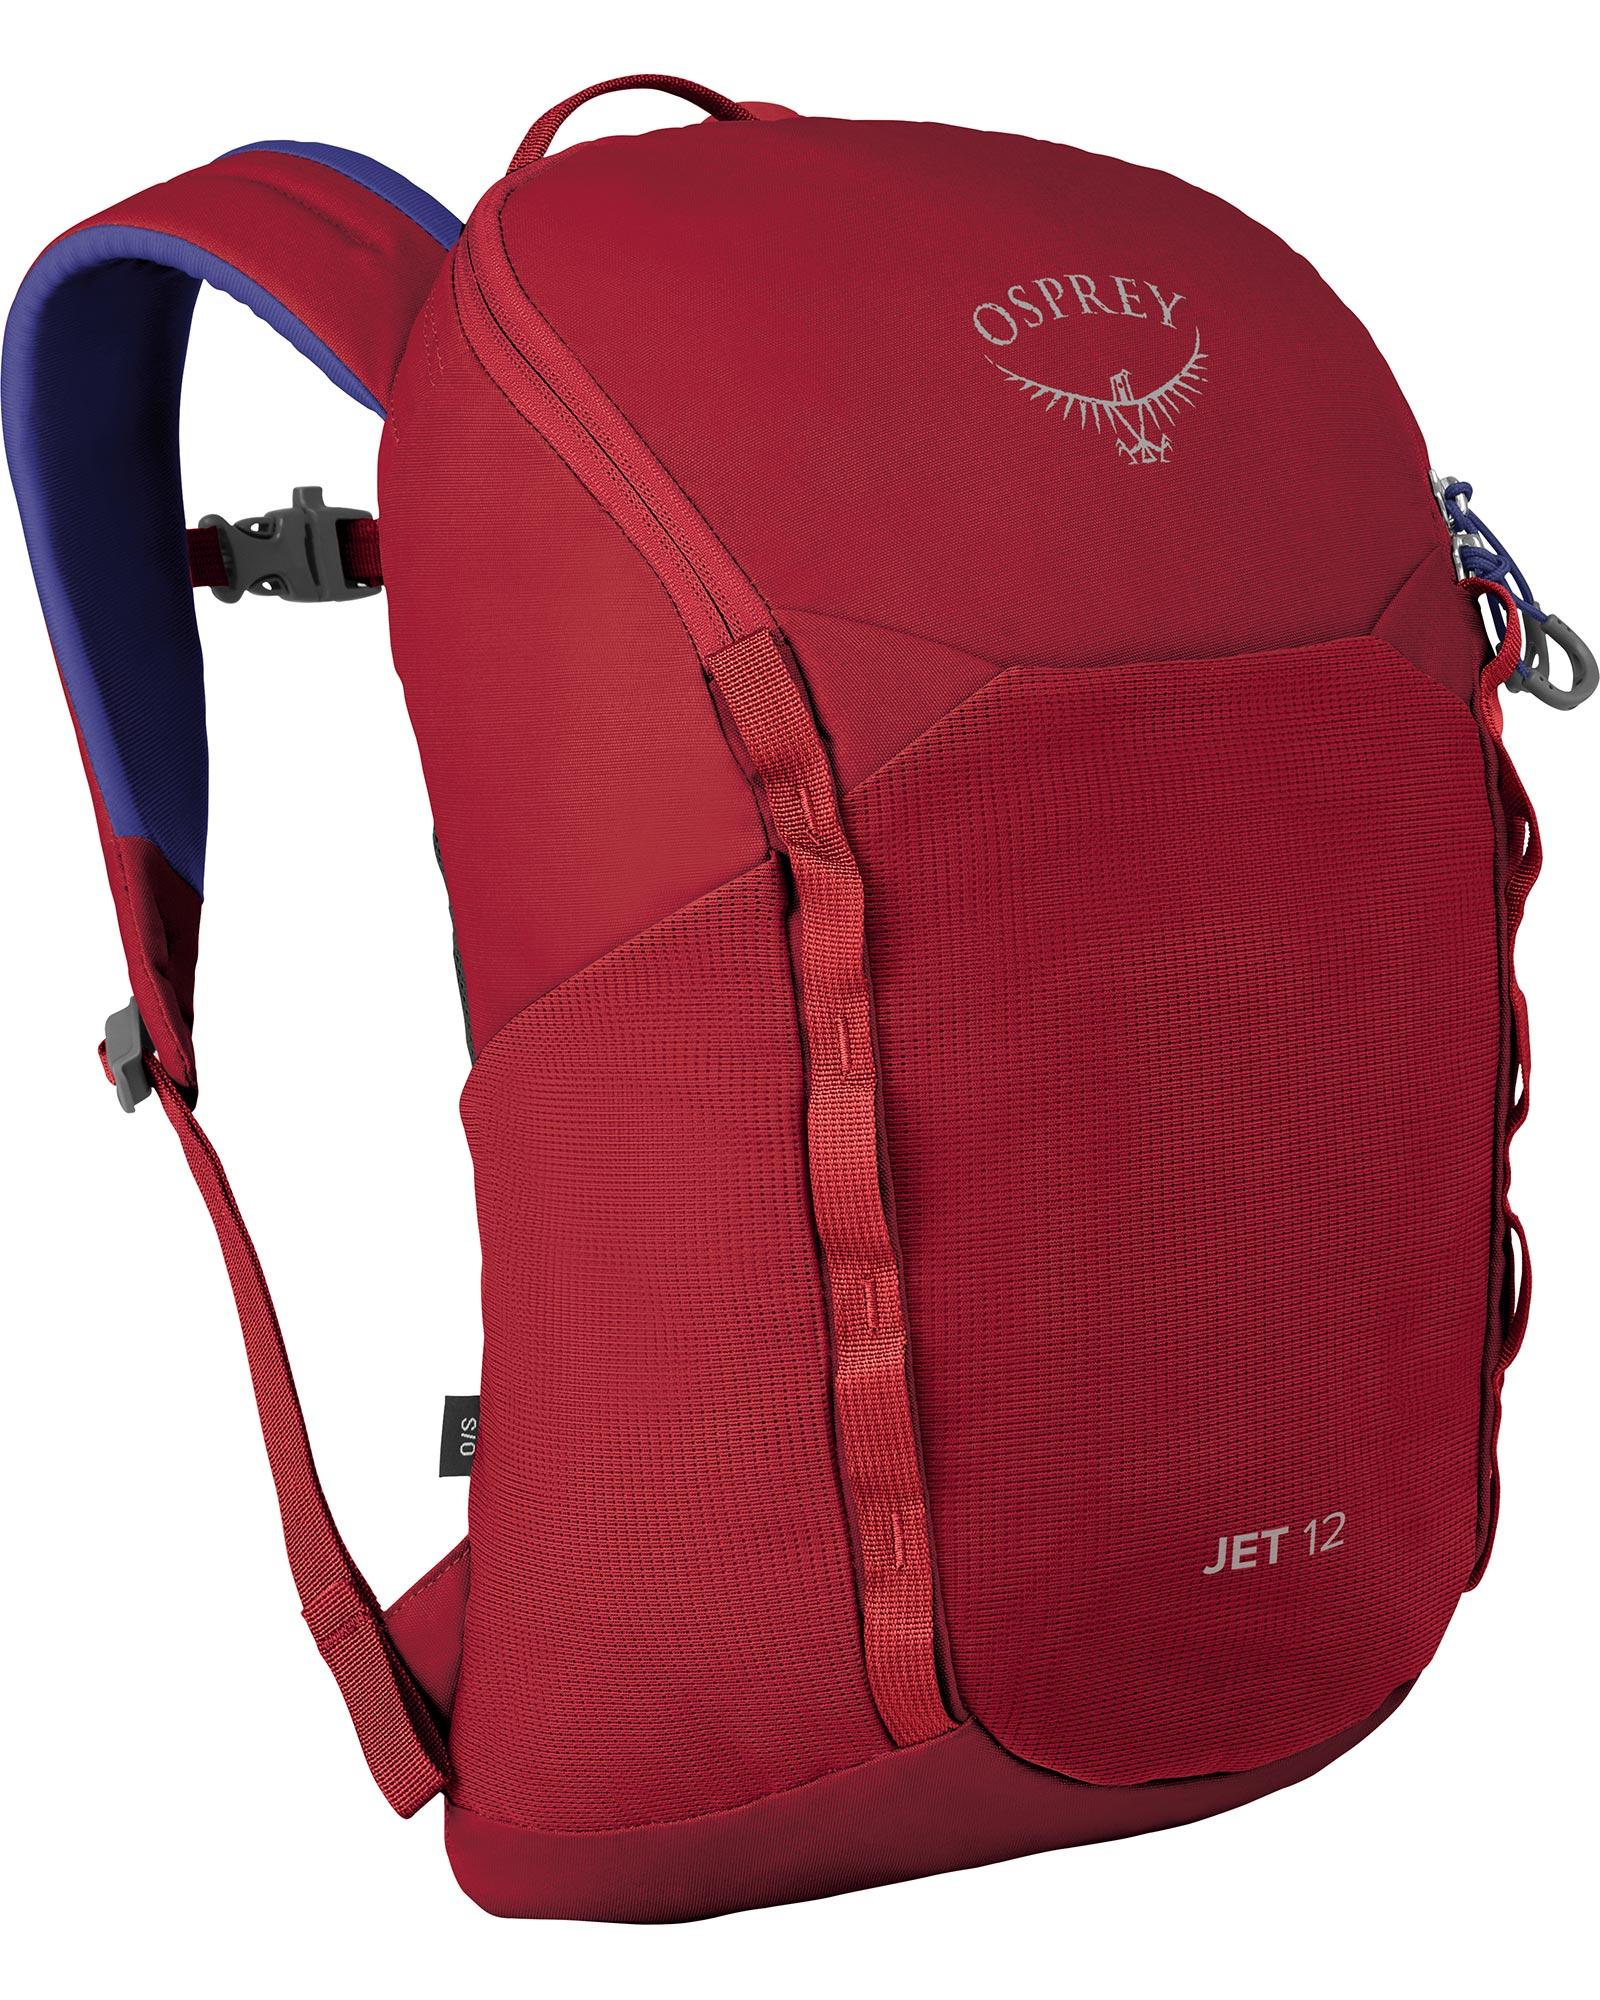 Osprey Jet 12 Kids' Backpack 0